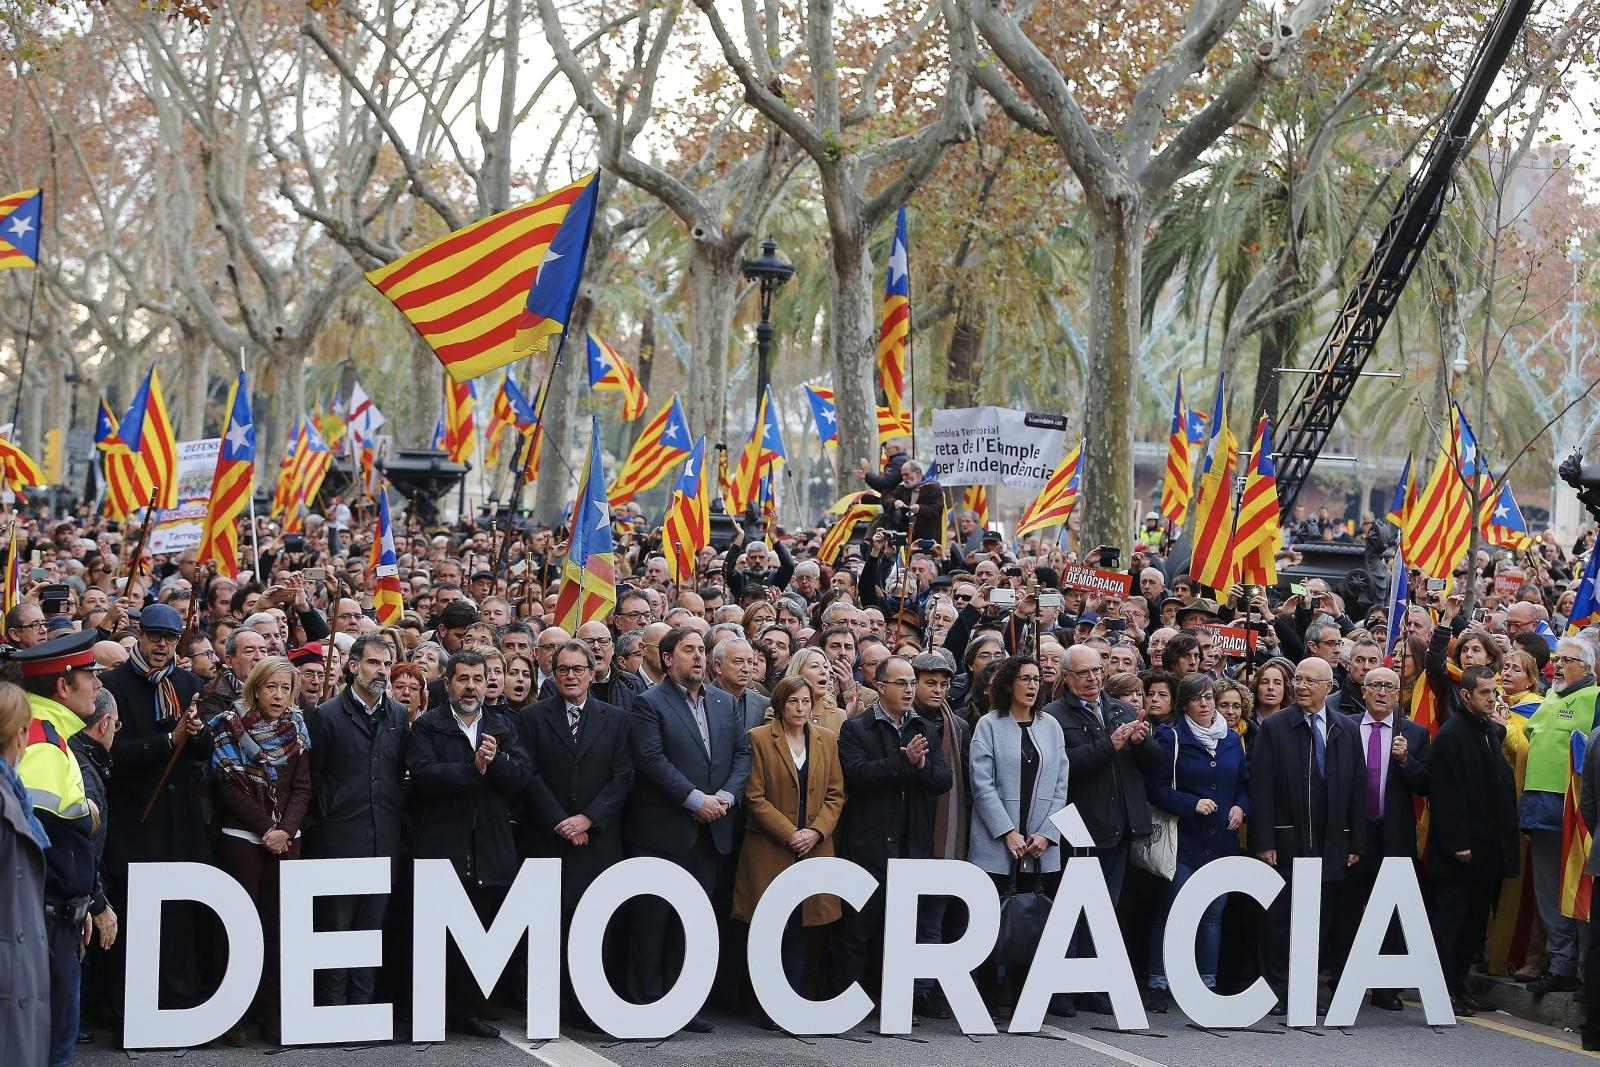 Przewodnicząca parlamentu Katalonii Carme Forcadell stanęła w piątek przed Najwyższym Trybunałem Sprawiedliwości Katalonii w Barcelonie. Jest oskarżona o to, że dopuściła w tym parlamencie do głosowania nad prawem regionu do proklamowania niepodległości.Podczas rozprawy poparcie dla Carme Forcadell demonstrowały pod siedzibą Trybunału setki Katalończyków. Fot. PAP/EPA/ALEJANDRO GARCIA